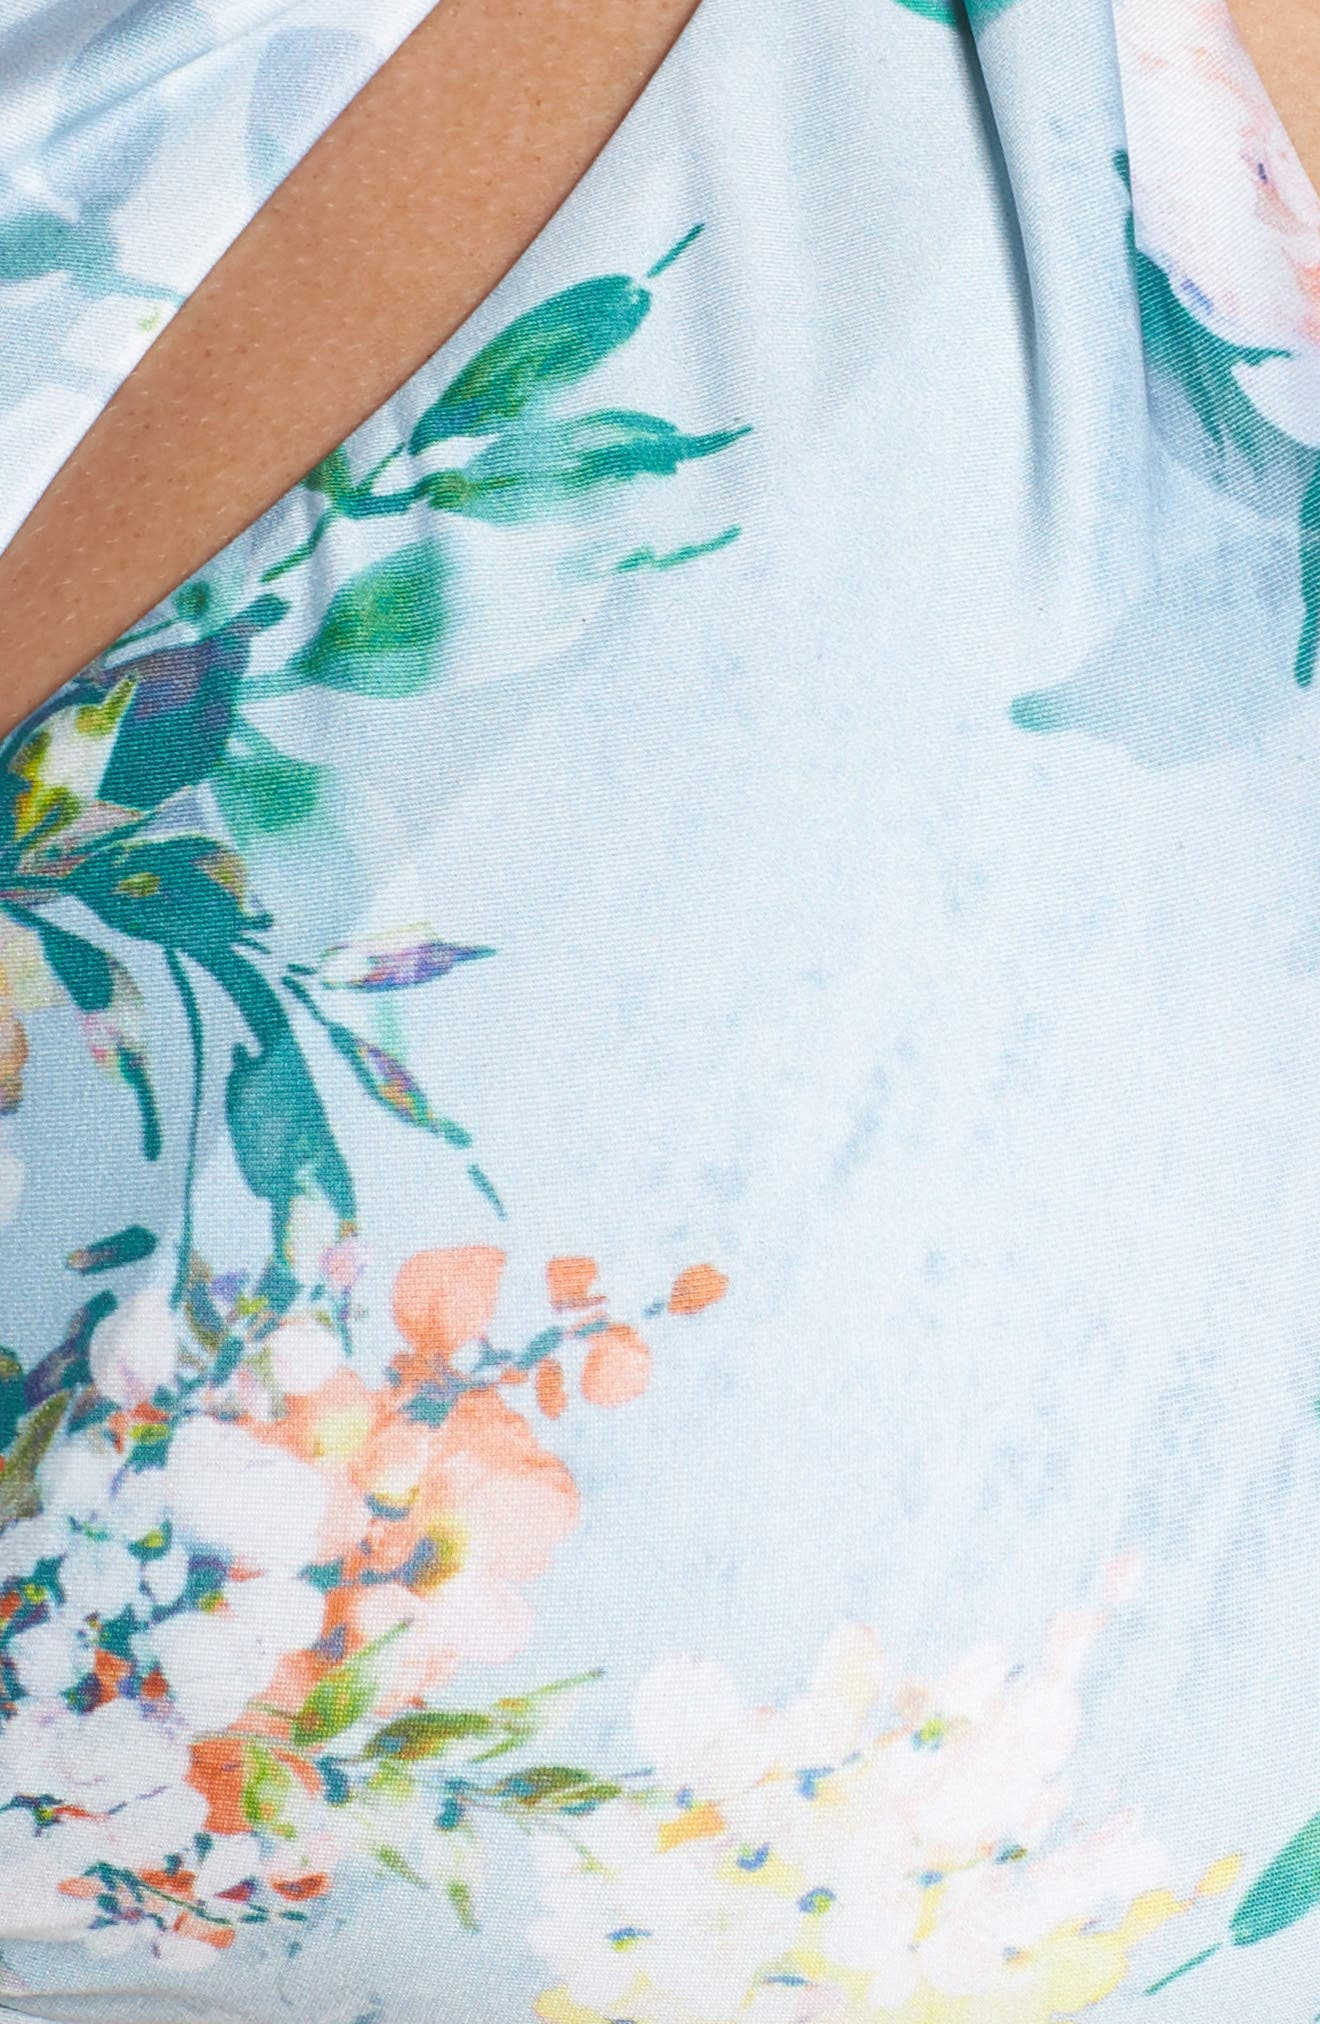 Femme Flora Bikini Top,                             Alternate thumbnail 5, color,                             Blue Multi